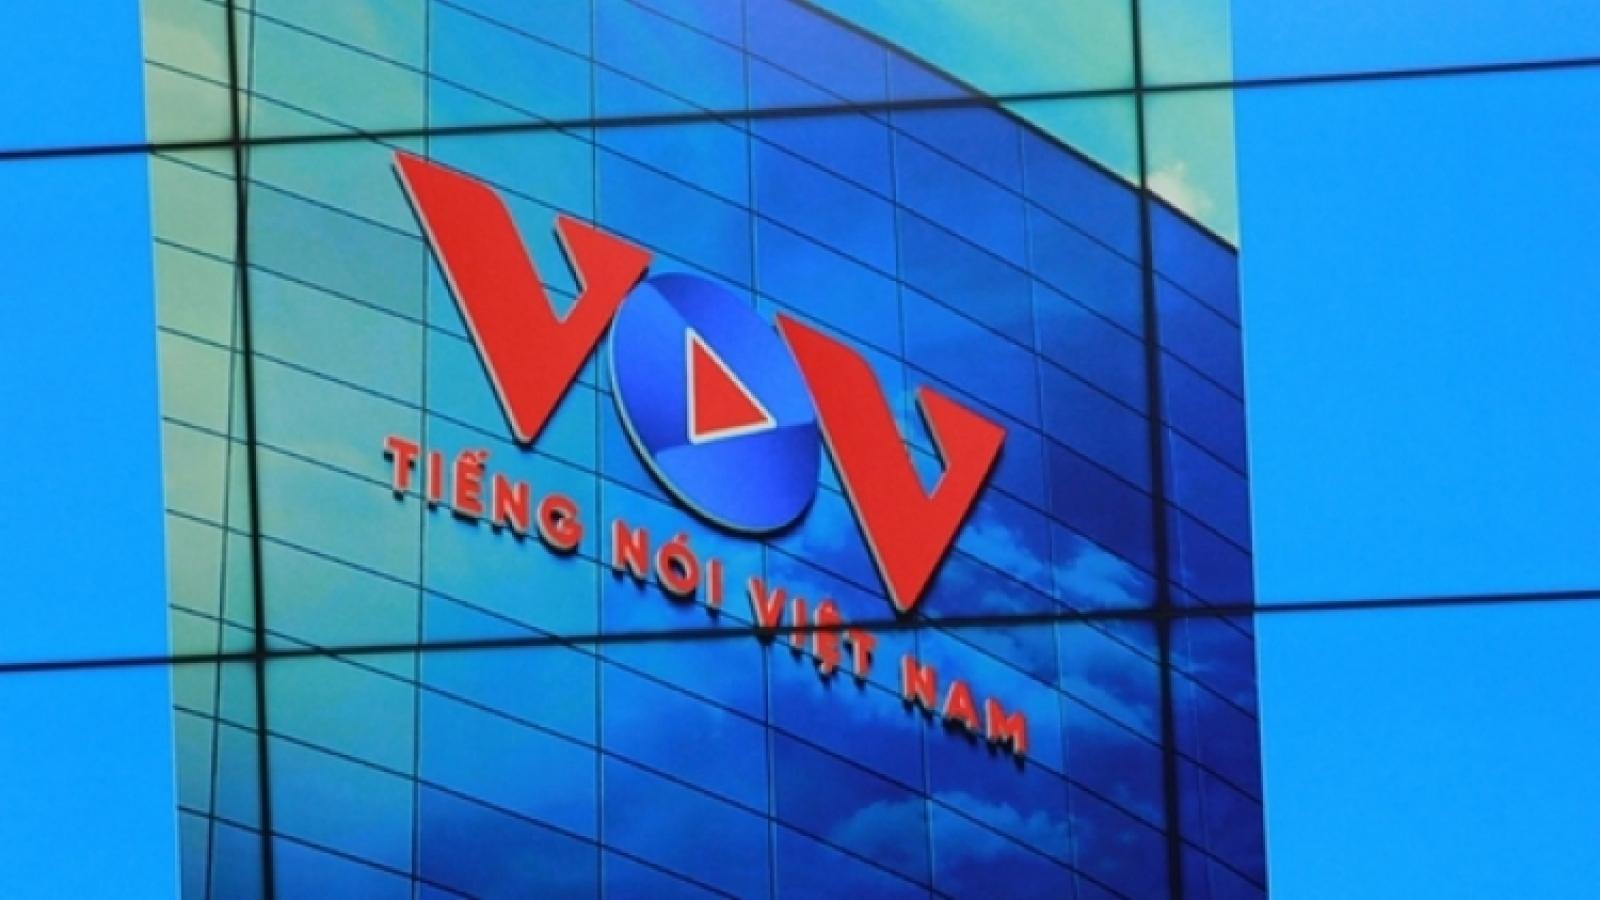 VOV tuyển dụng chuyên viên cho Ban Kế hoạch - Tài chính